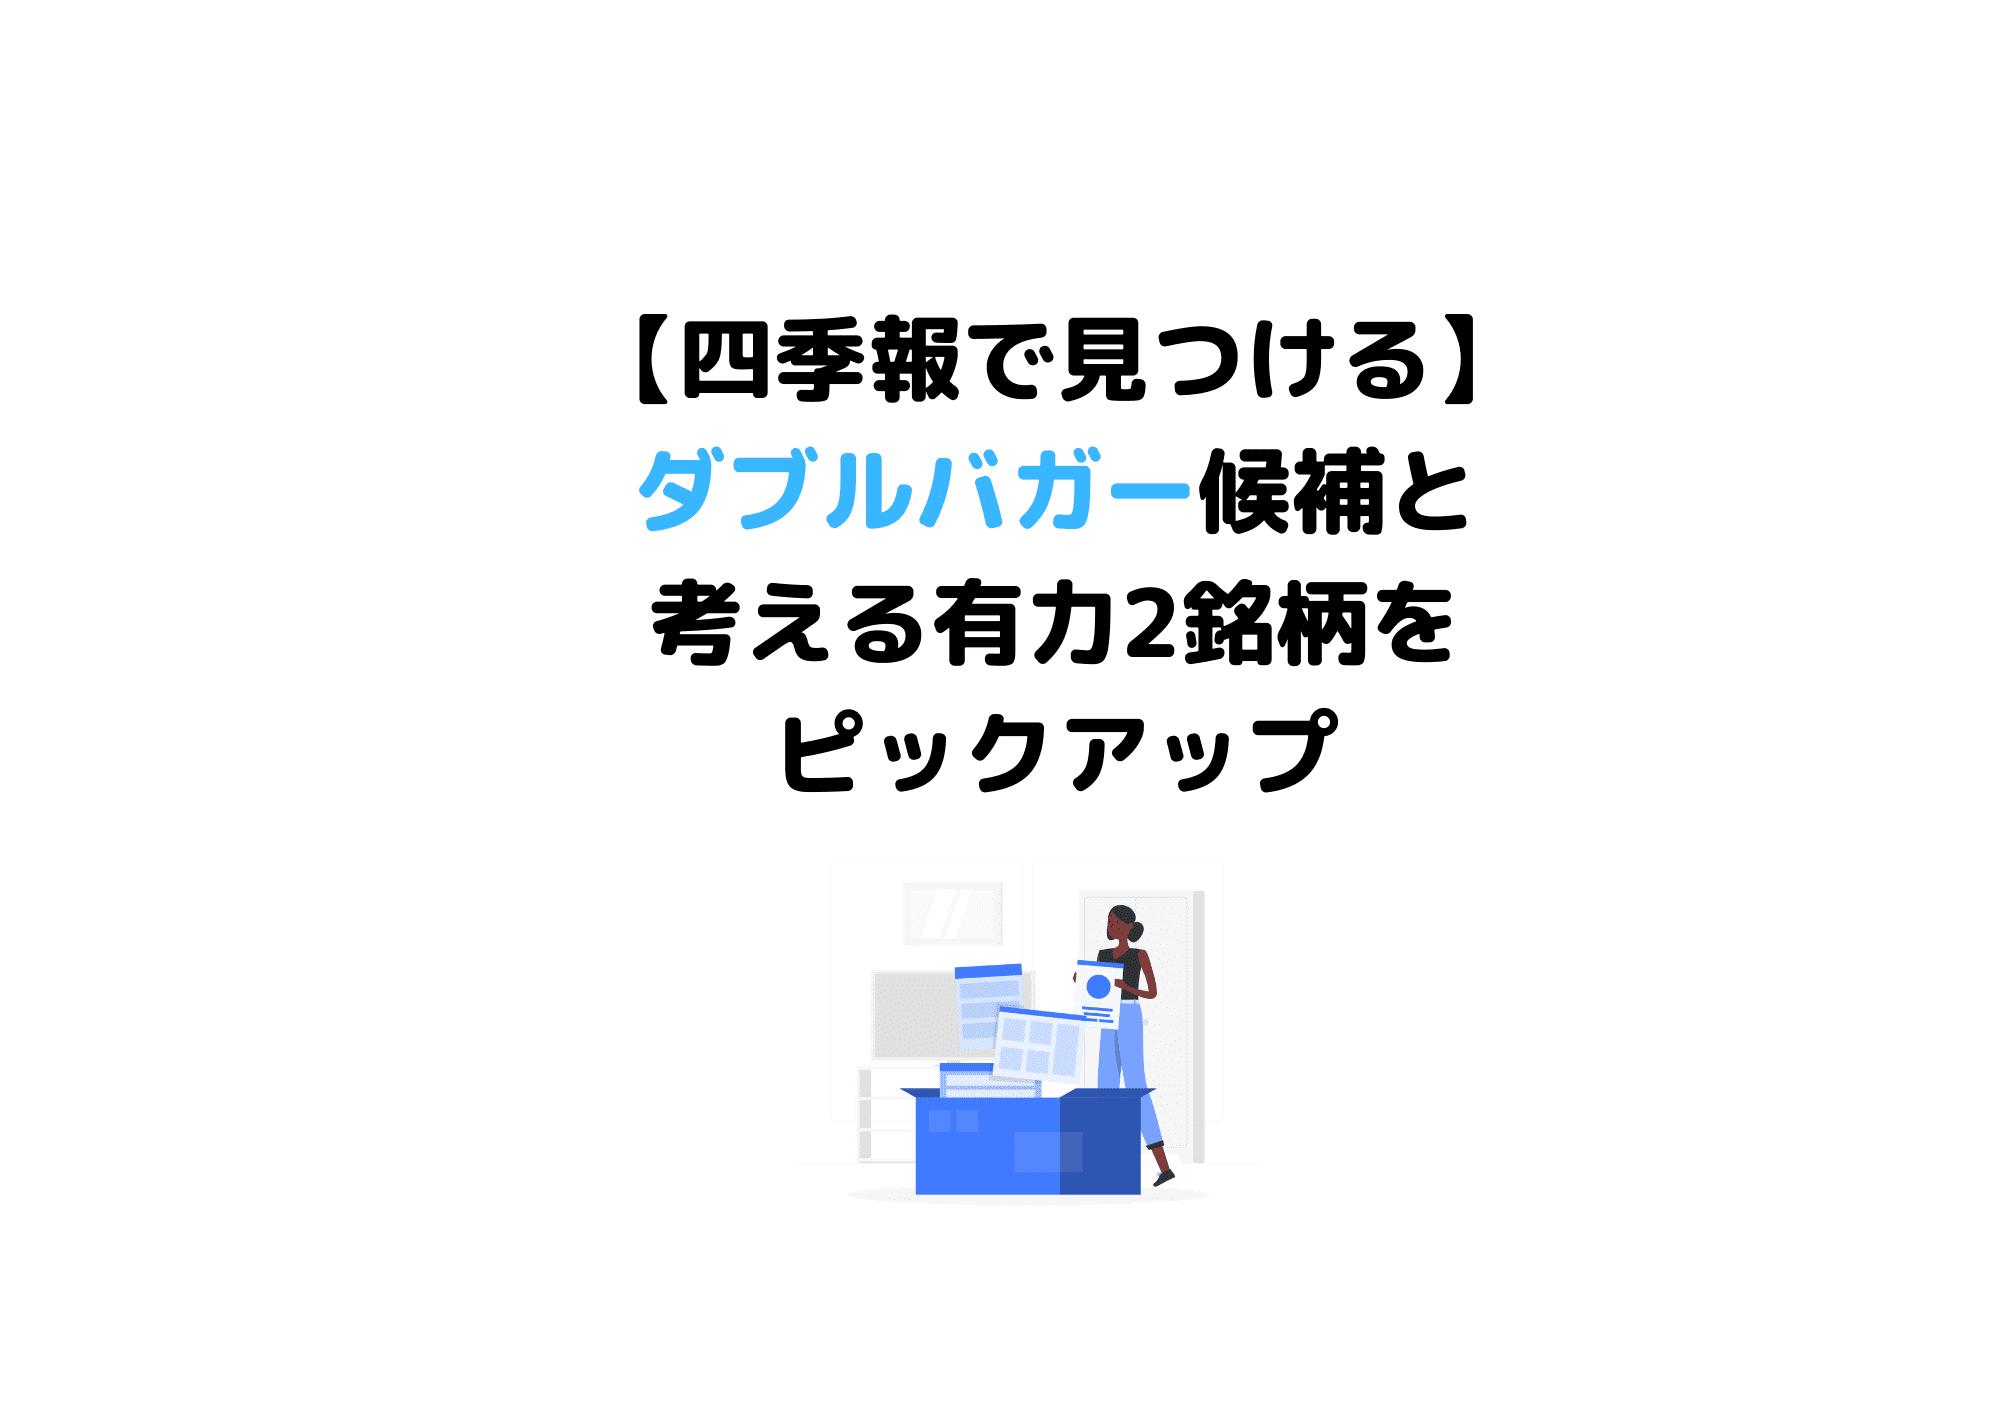 ダブルバガー候補 (1)